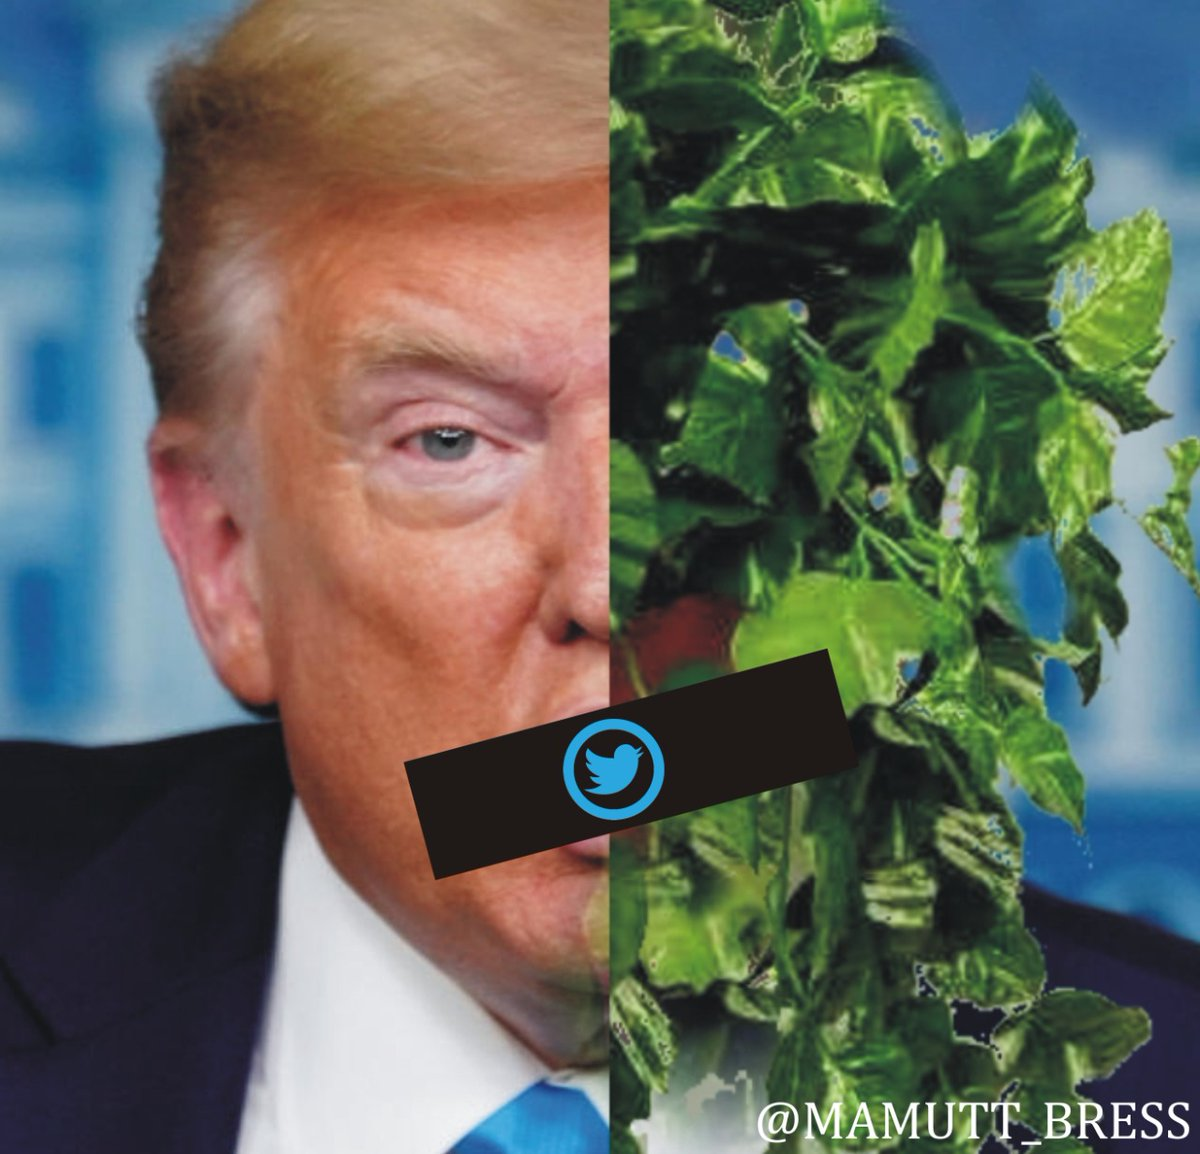 Tweeter da de baja las cuentas de Donald Trump y de POTUS, por posibles incitaciones a la violencia. #ImpeachmentDay